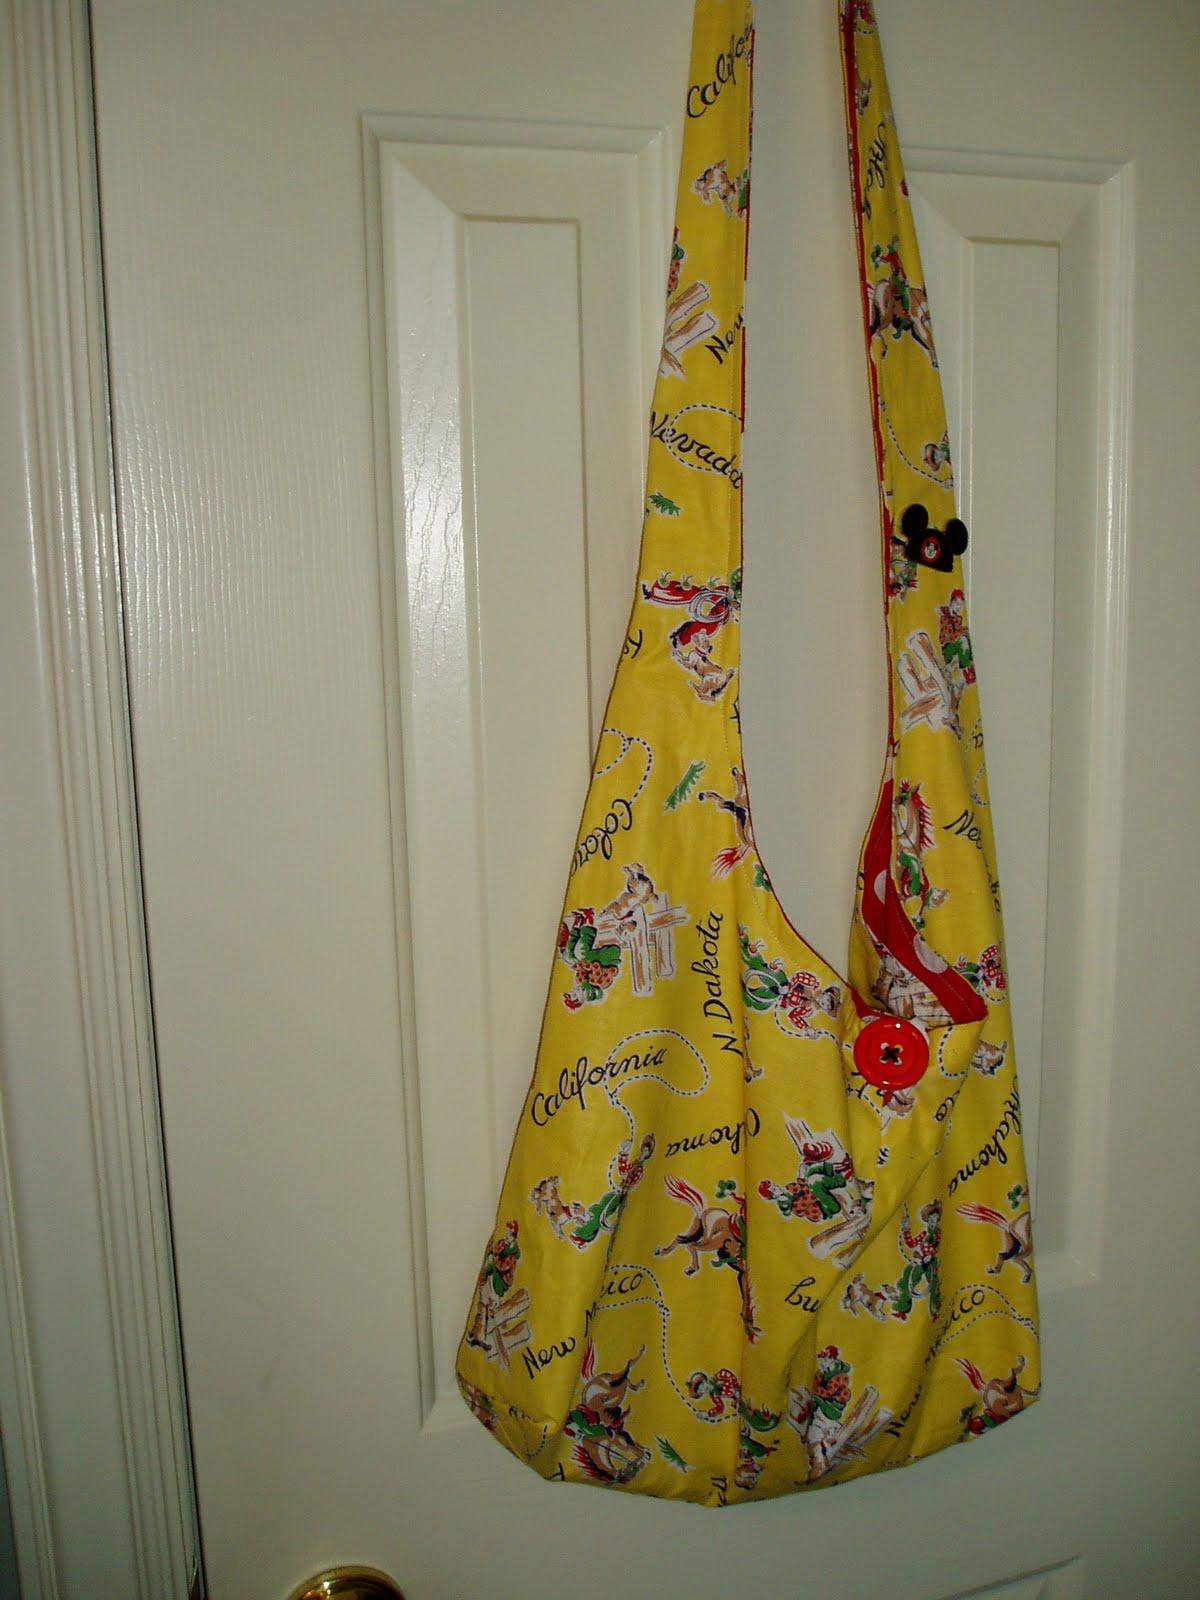 Sling Bag Pattern Free Download : ... bag pattern sling bag pattern free download slouch bag pattern hobo